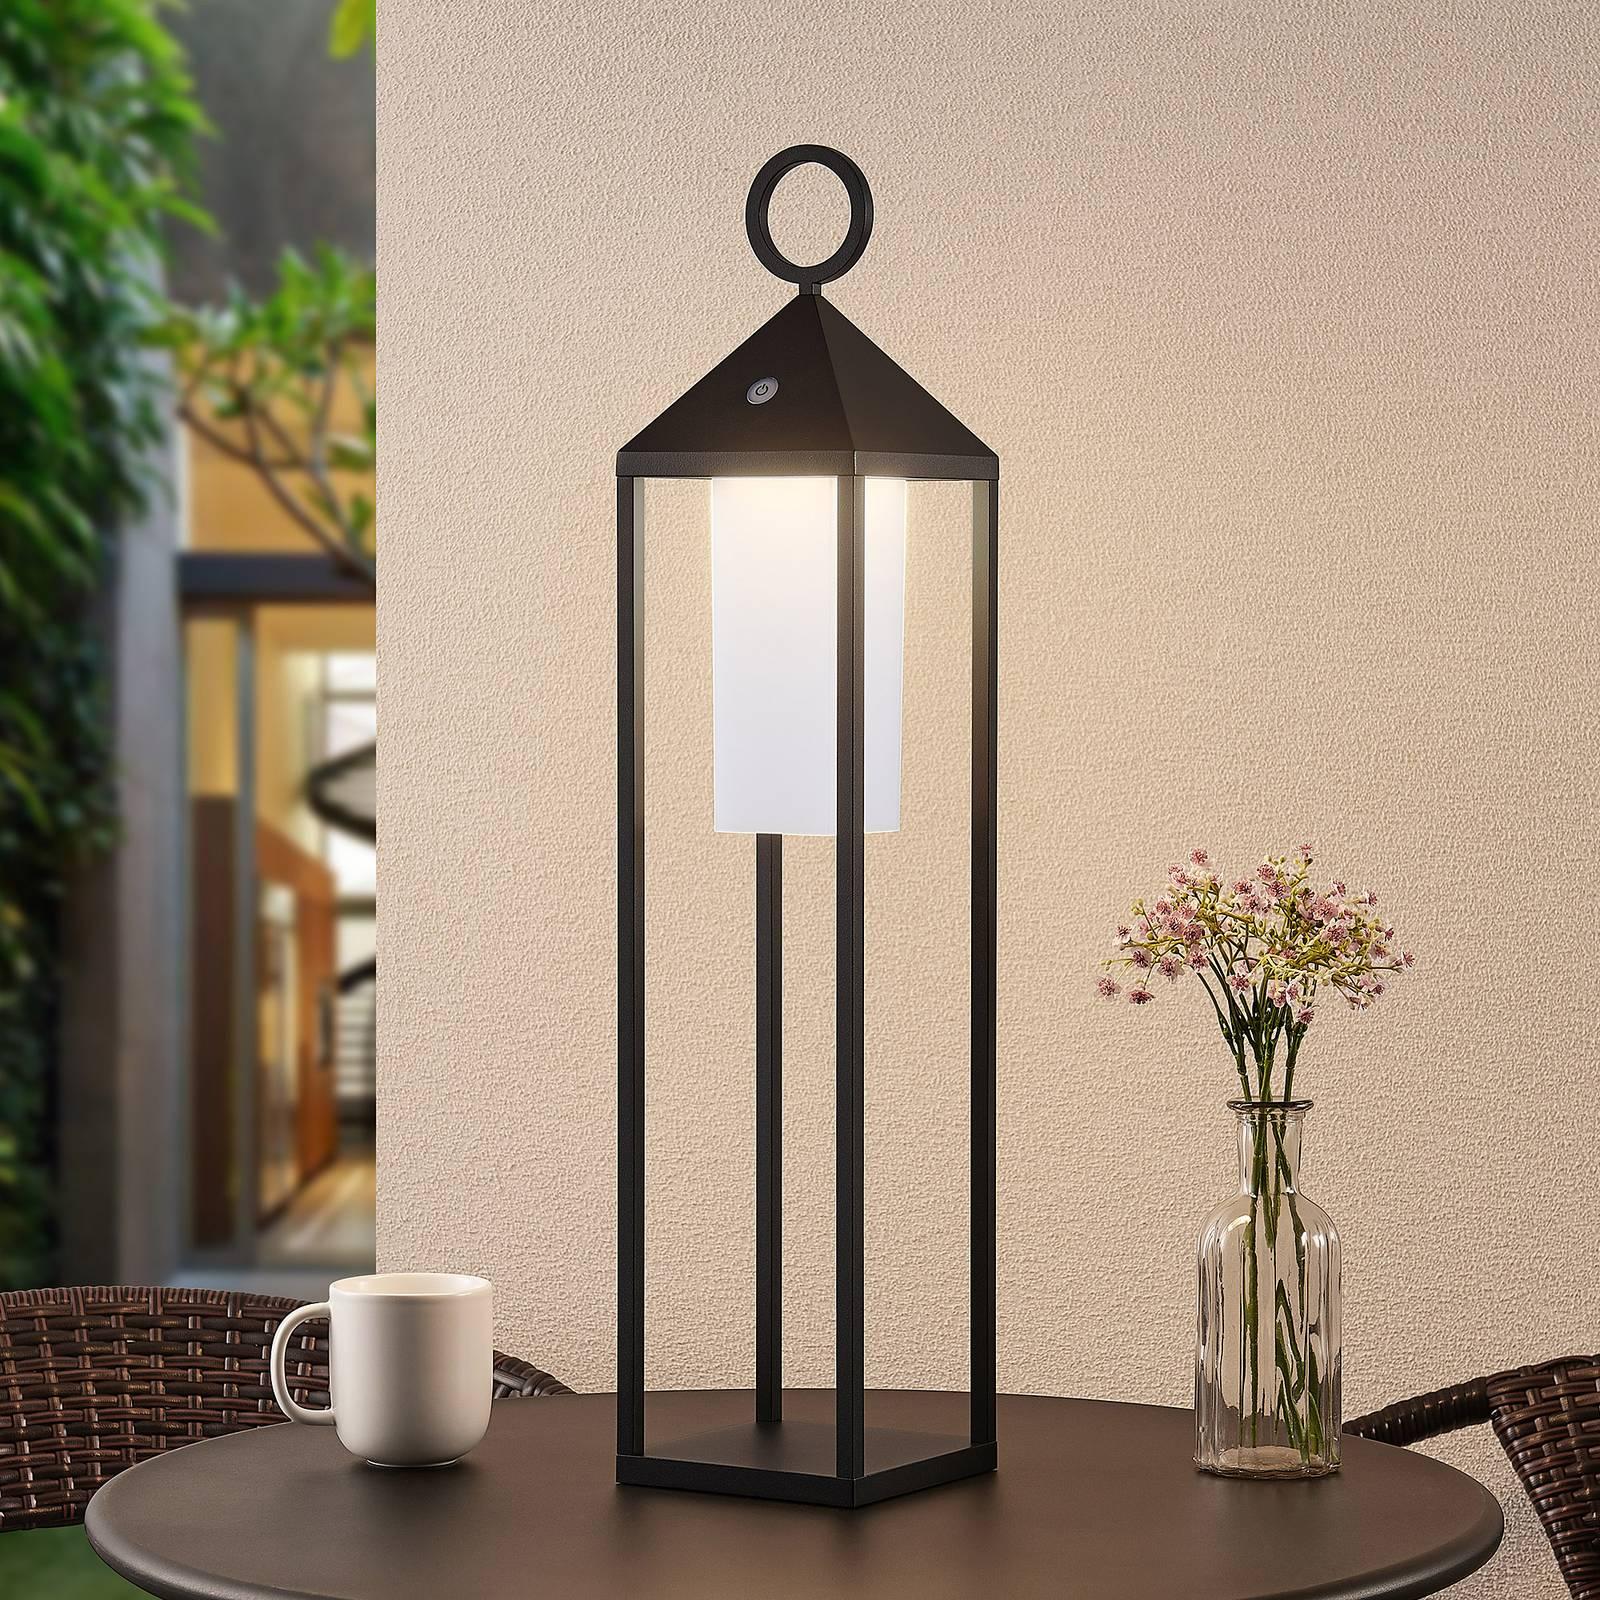 Lucande Miluma LED buitenlantaarn, 64 cm, zwart